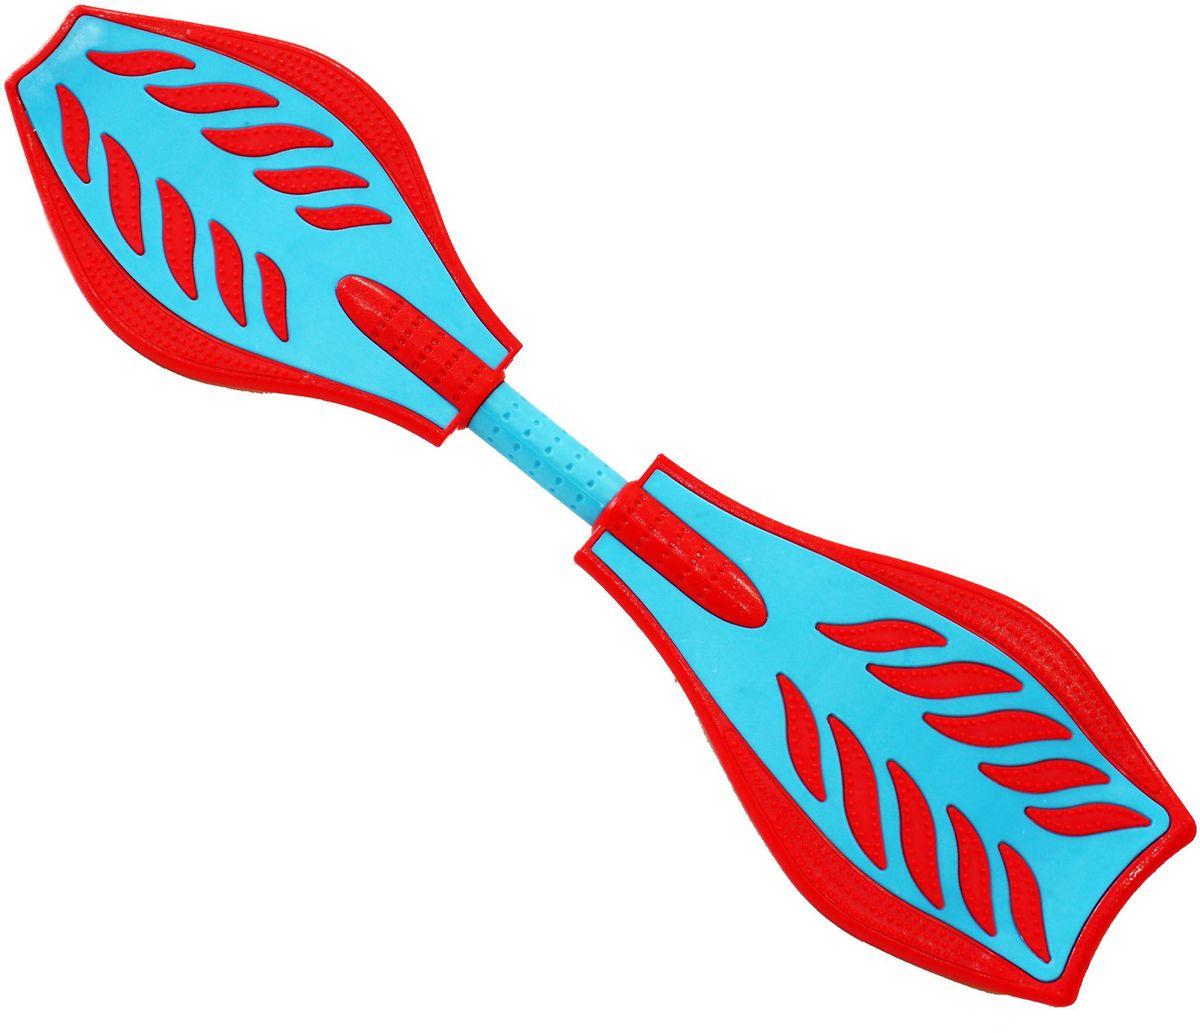 Роллерсерф Waveboard Bright, цвет: красный, голубой2224Роллерсерф Waveboard Bright - это уникальный скейтборд на двух колесах. Полиуретановые колеса на высокоскоростных подшипниках позволяют быстро разогнаться и катиться долгое время без остановок. Подшипники крутятся легко и без усилий. Колеса скейтборда выполнены из прочного полиуретана и вращаются на 360°. Легкая и прочная пластиковая платформа со специальным противоскользящим покрытием состоит из двух частей, прочно соединенных торсионной пружиной. Выдерживает вес: до 70 кг.